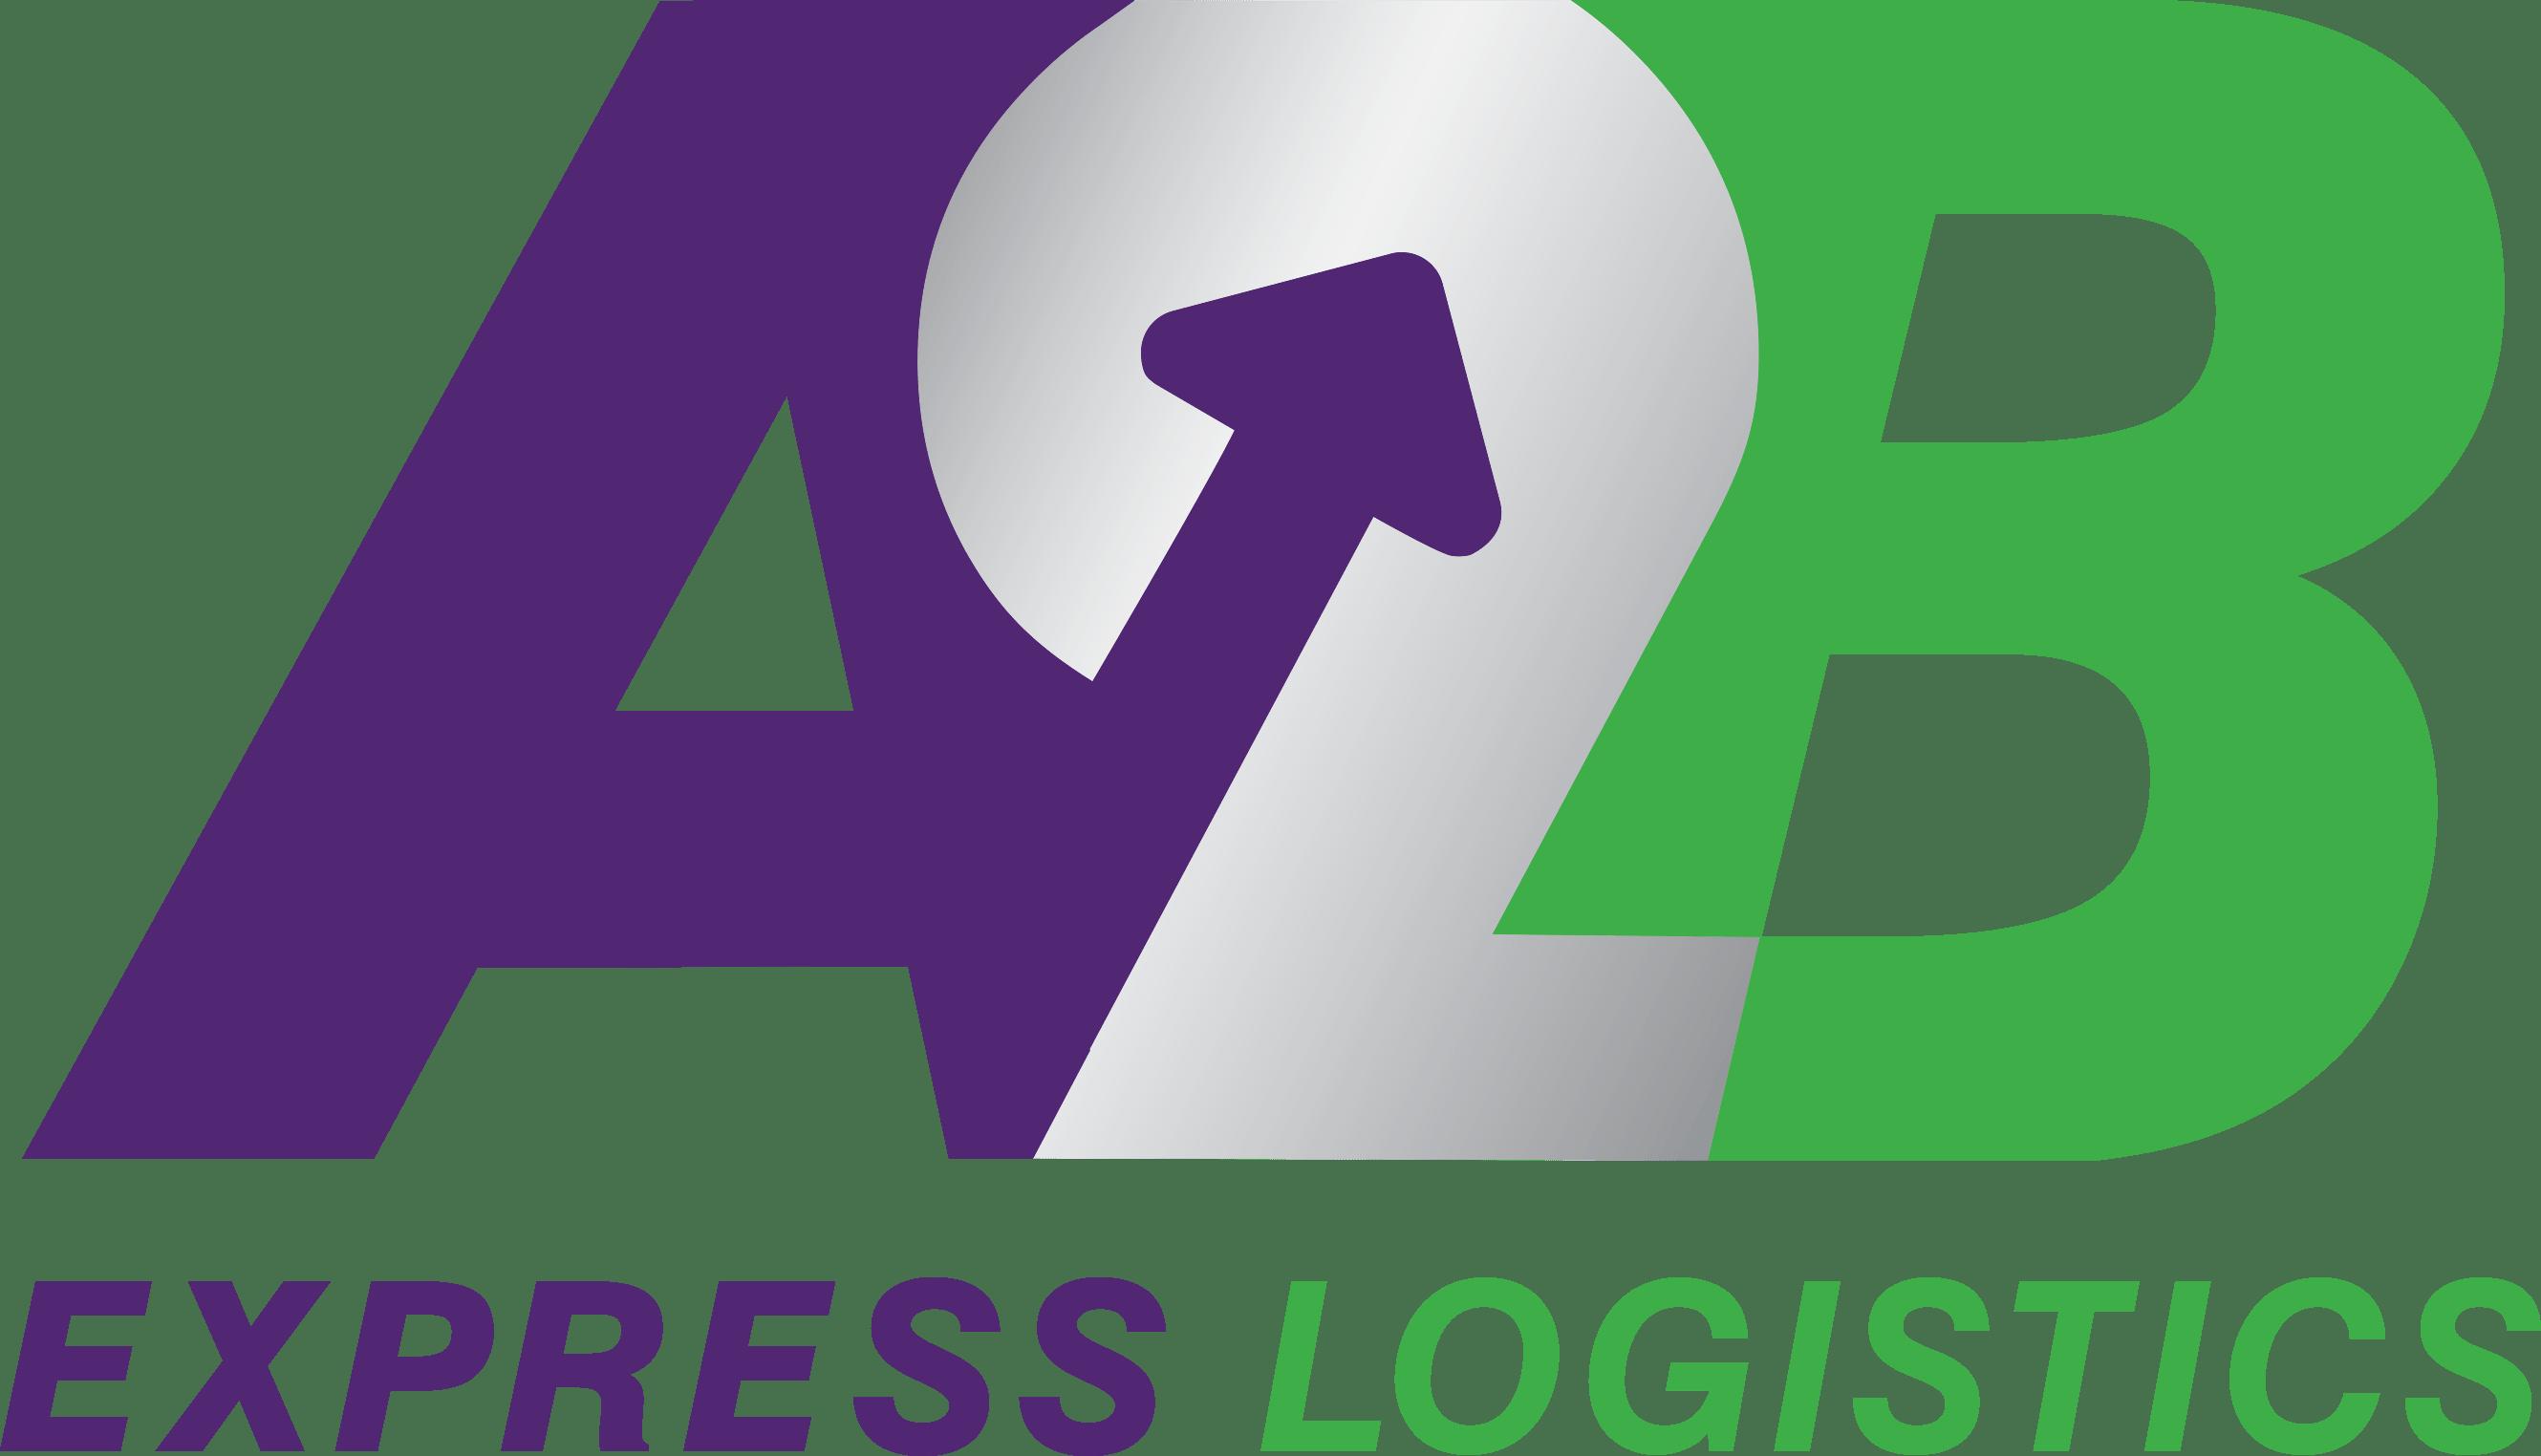 A2B Express Logistika